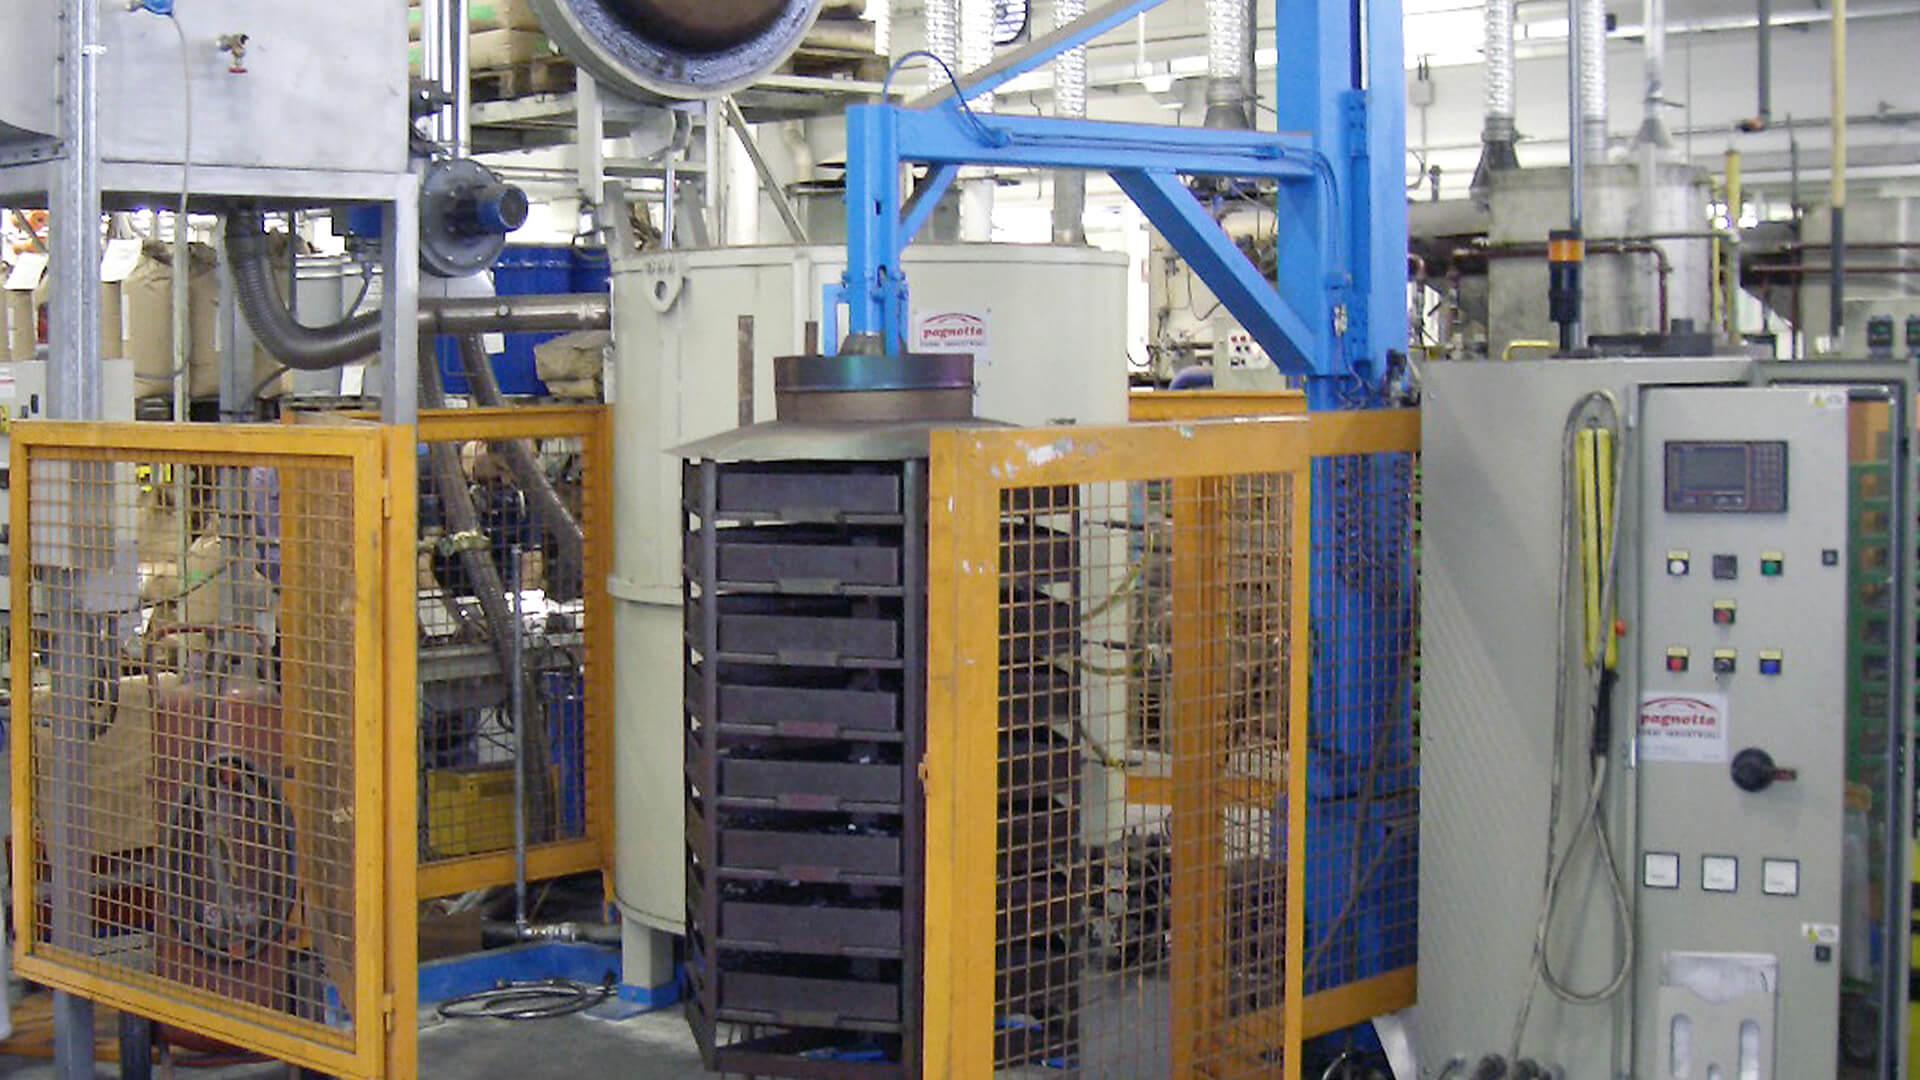 Forno industriale per Forno a pozzo con sistema di caricamento automatico | Pagnotta Termomeccanica